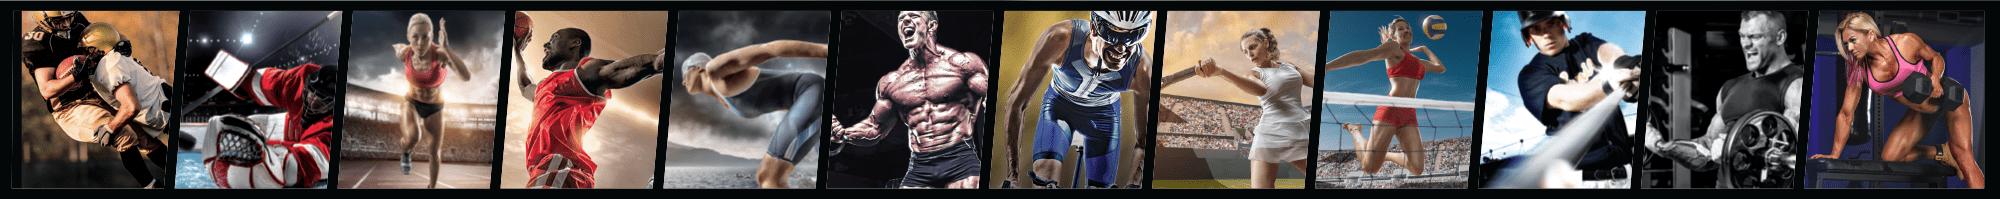 Athlete-Carosel